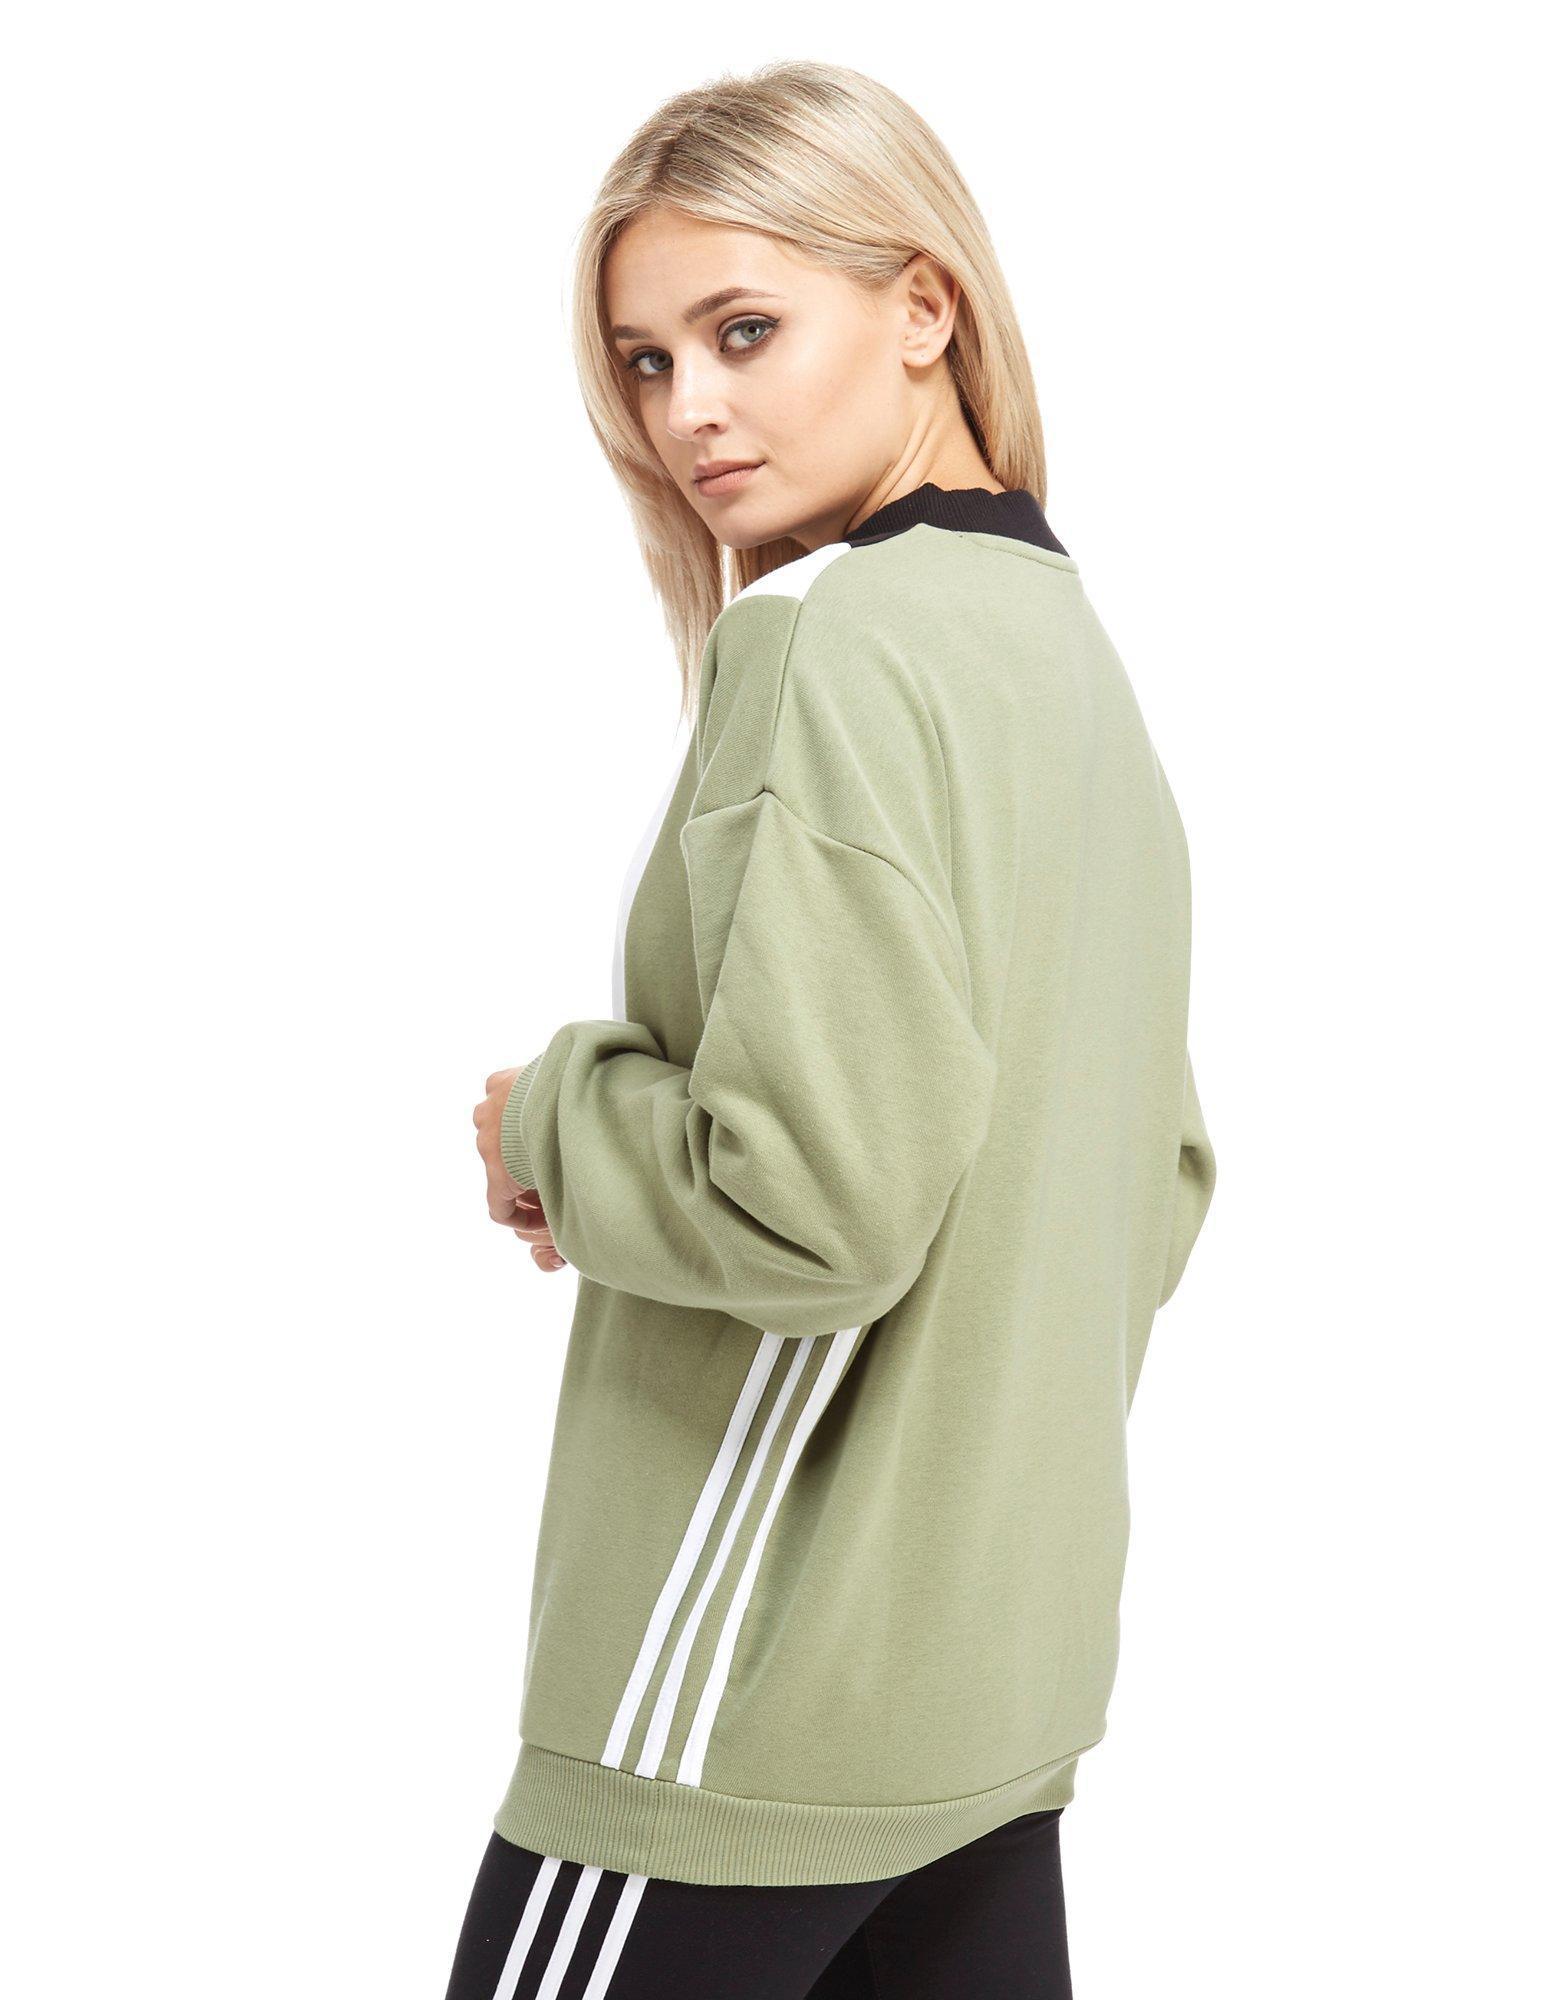 Adidas Originals Adidas Chevron Sweatshirt Multicolor Originals BWEQdCexro